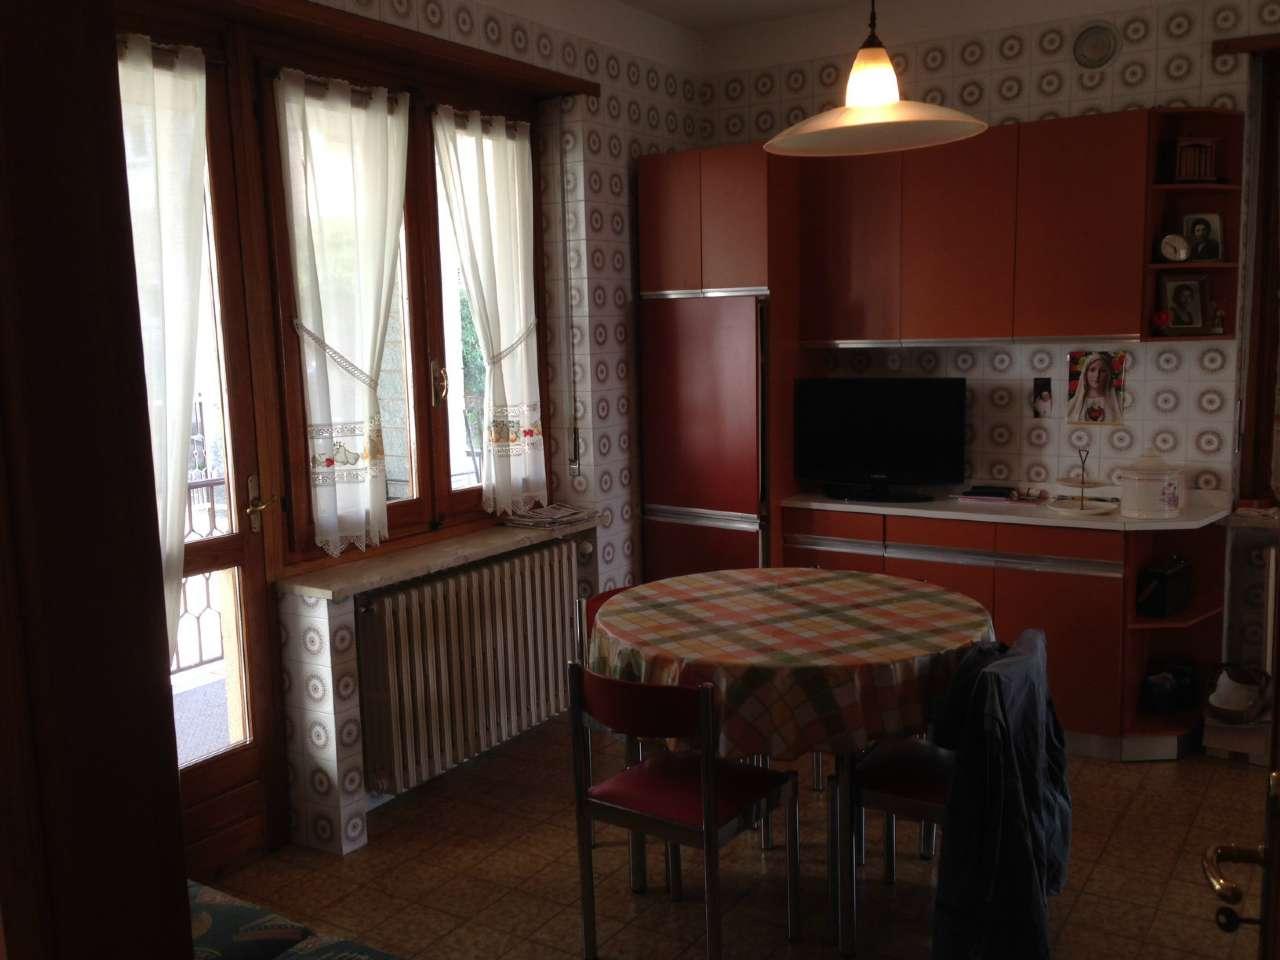 Villa Bifamiliare in vendita a Pecetto Torinese, 7 locali, prezzo € 480.000 | CambioCasa.it